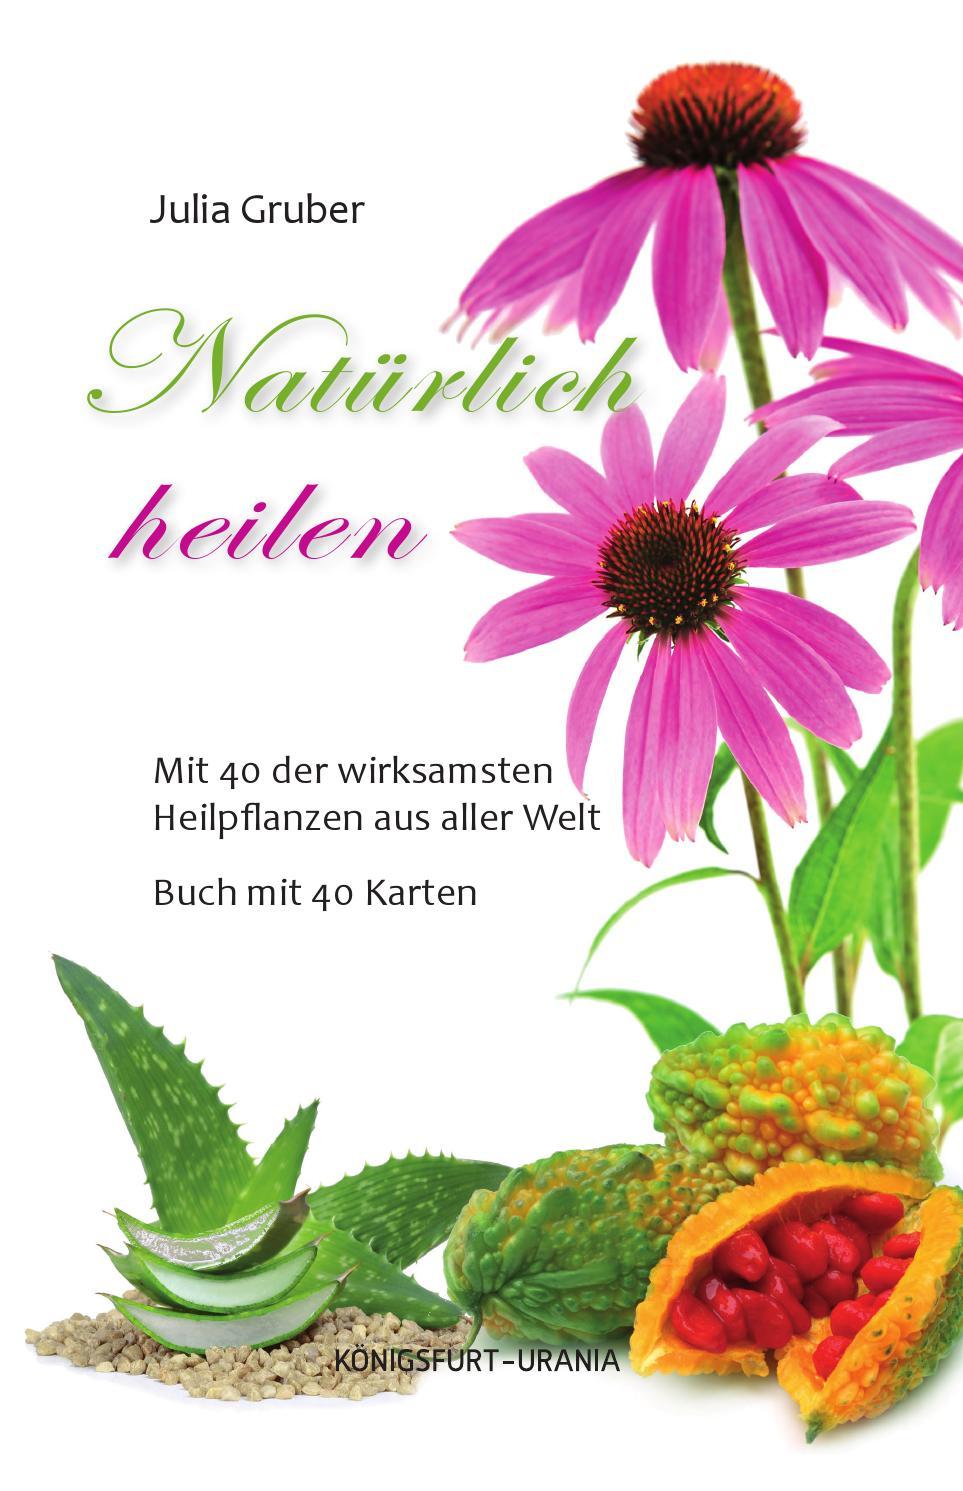 Natürlich Heilen By Königsfurt Urania Verlag Issuu